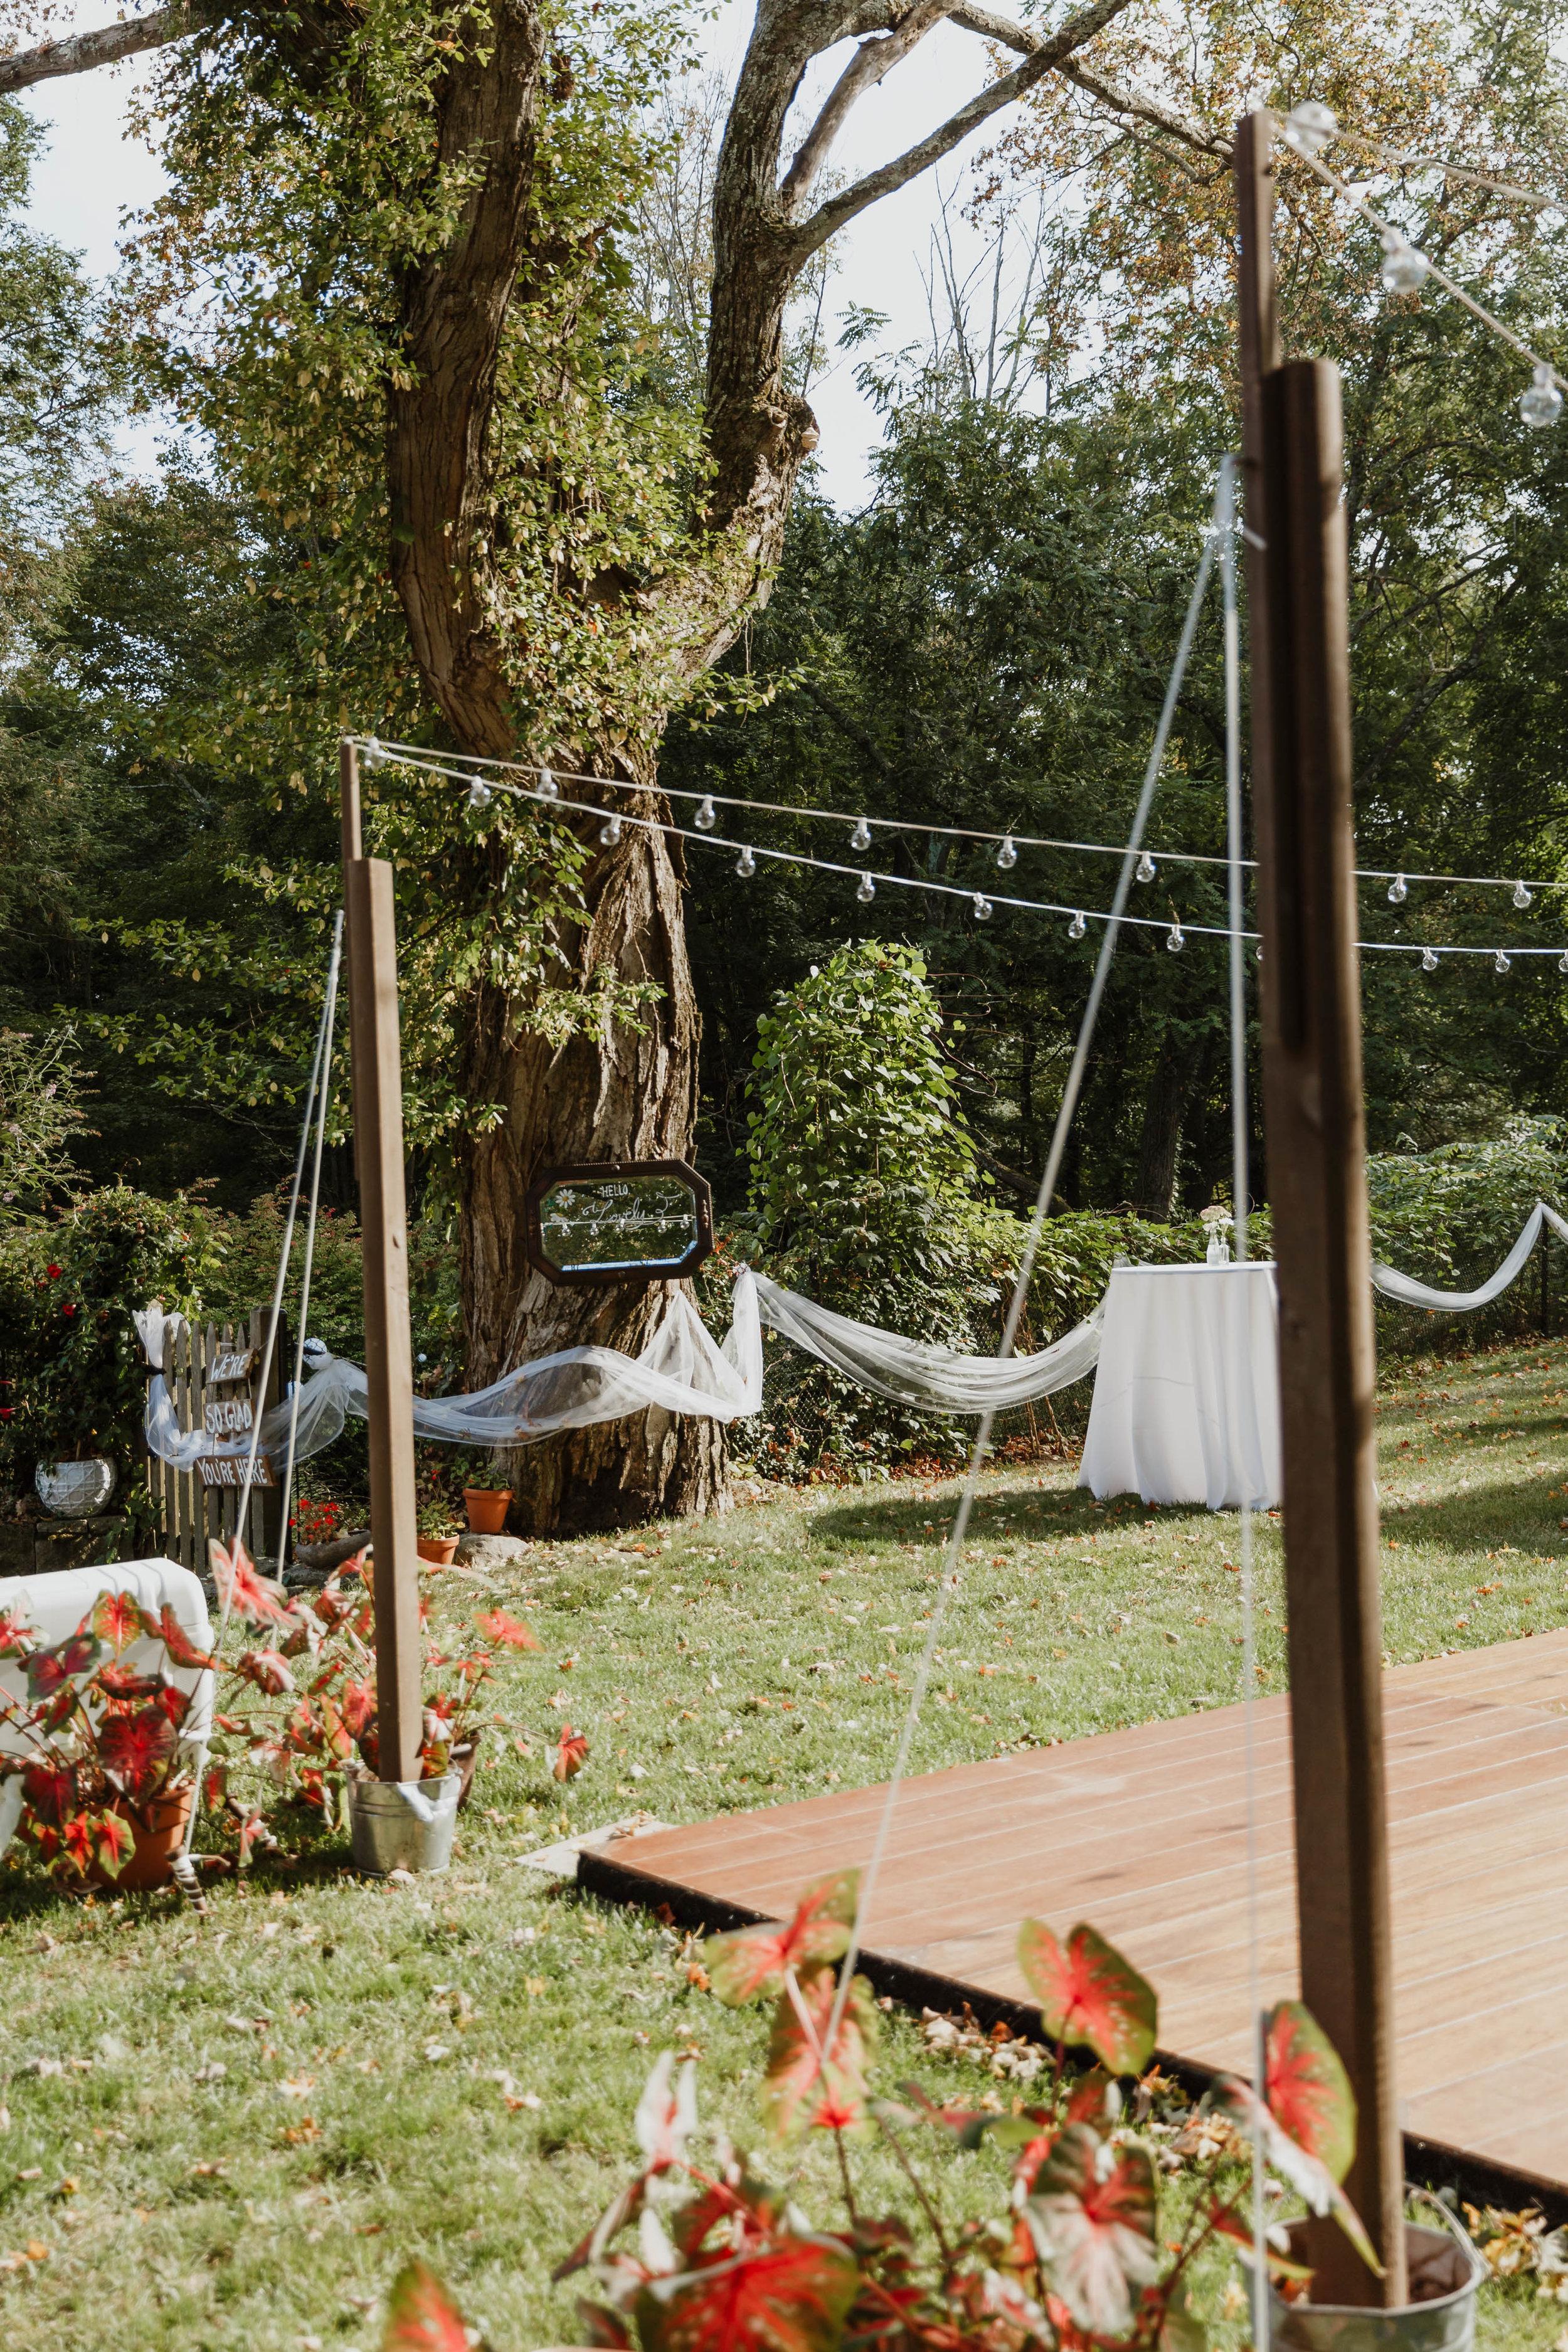 fairfield-county-connecticut-backyard-wedding-photographer--10.jpg